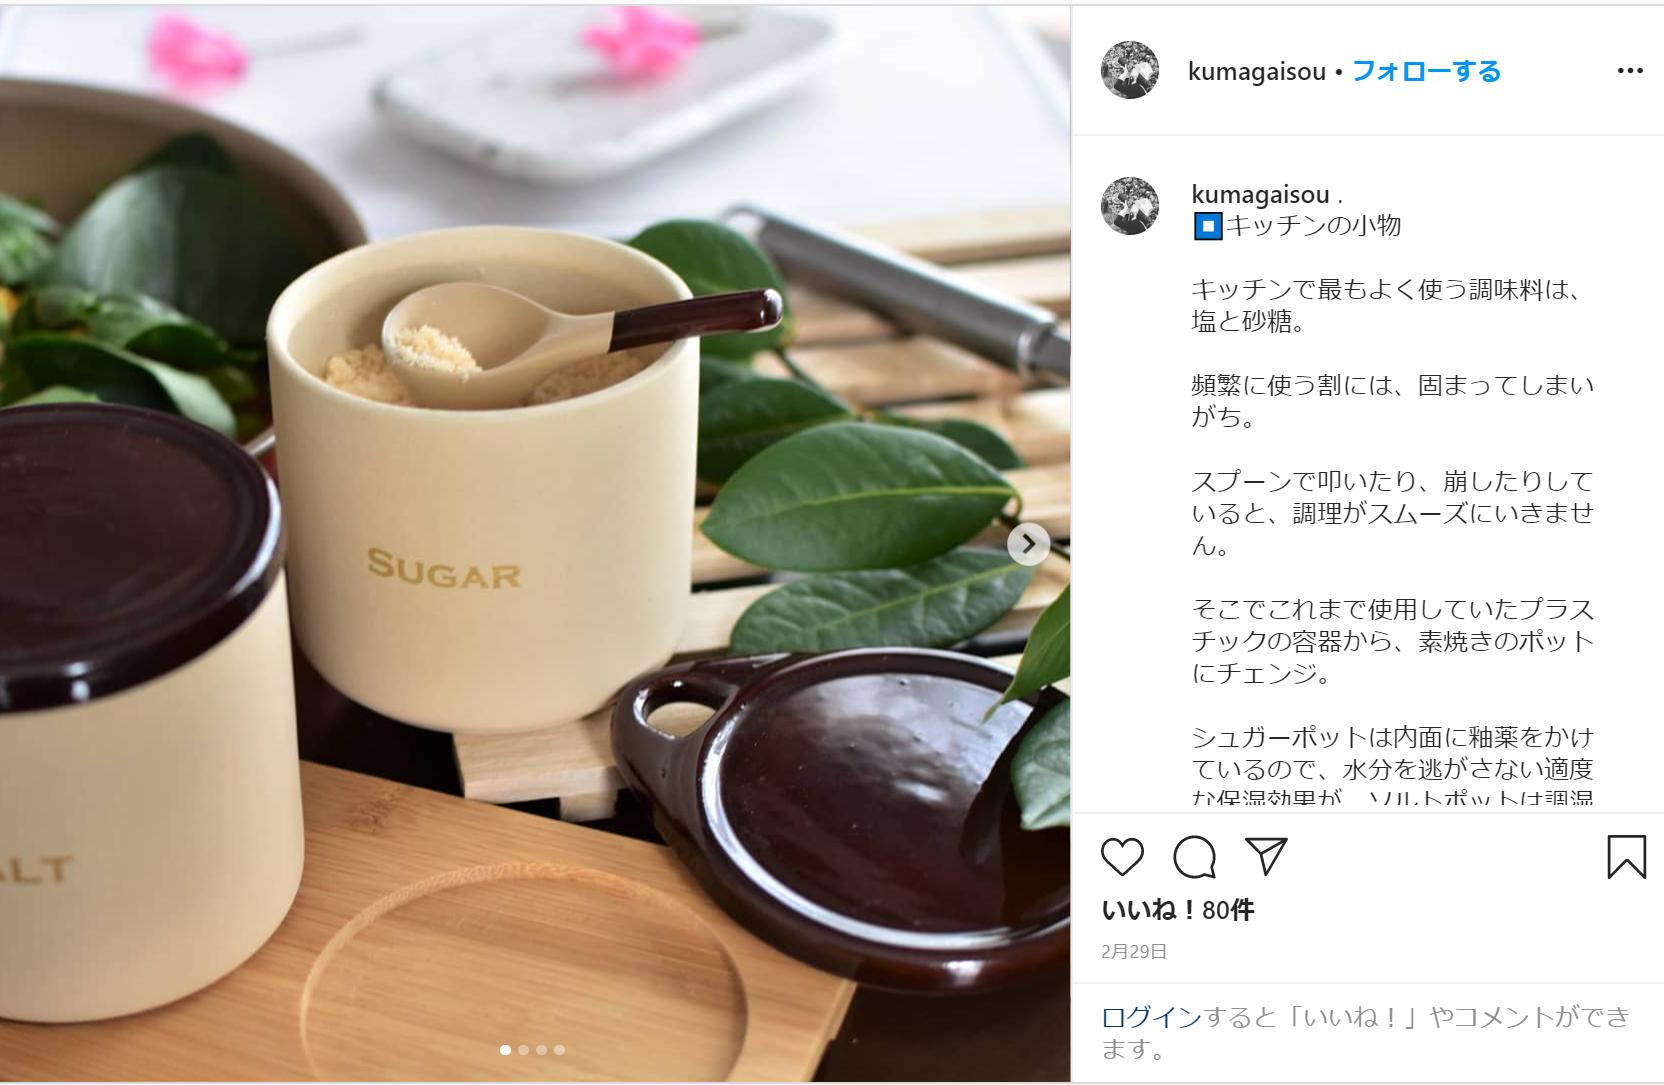 エスグロー株式会社 ソルト&シュガー ポットセット インスタグラム投稿